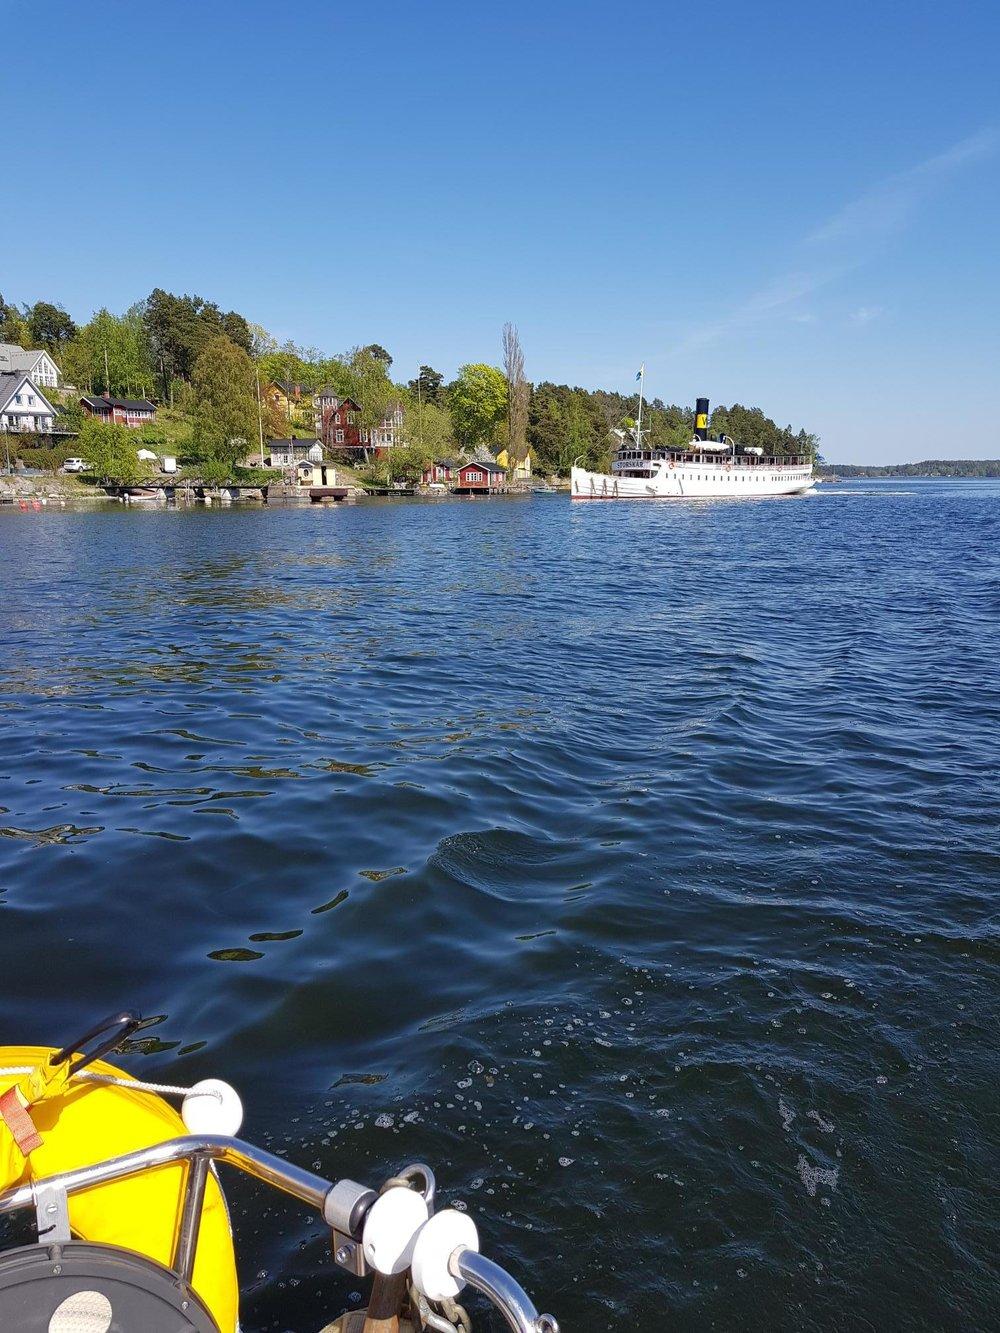 sommarbild skärgårdsbåt.jpg